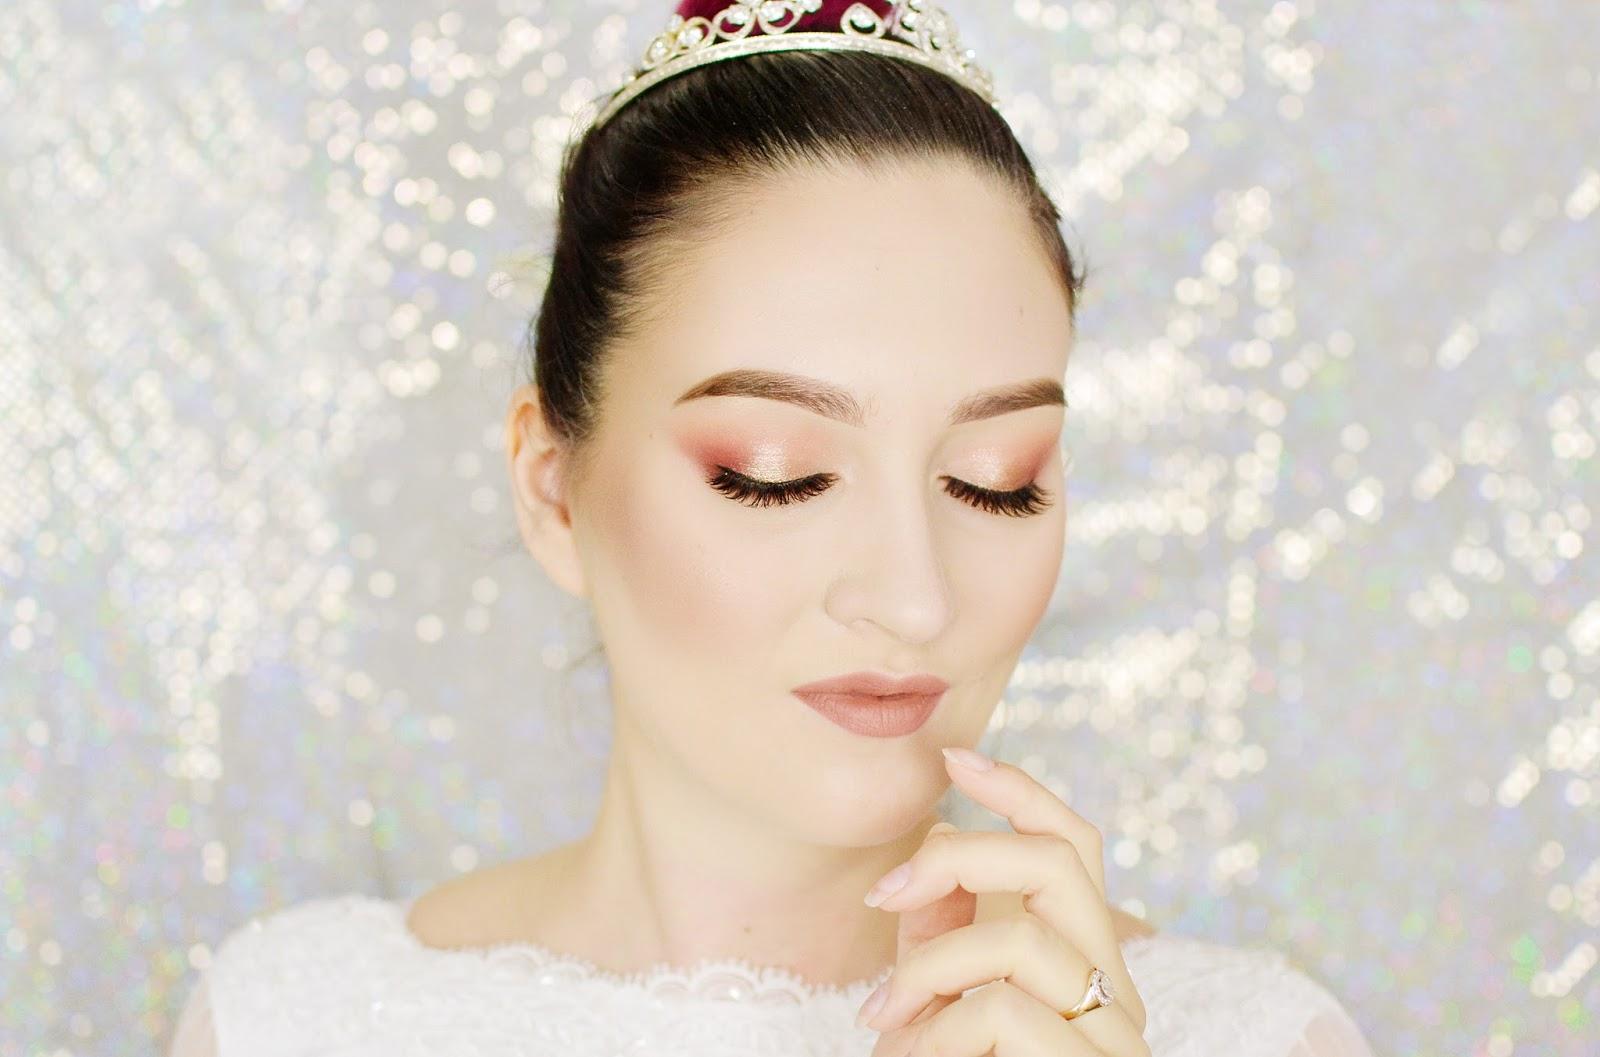 makijaż ślubny jak pomalować się na ślub